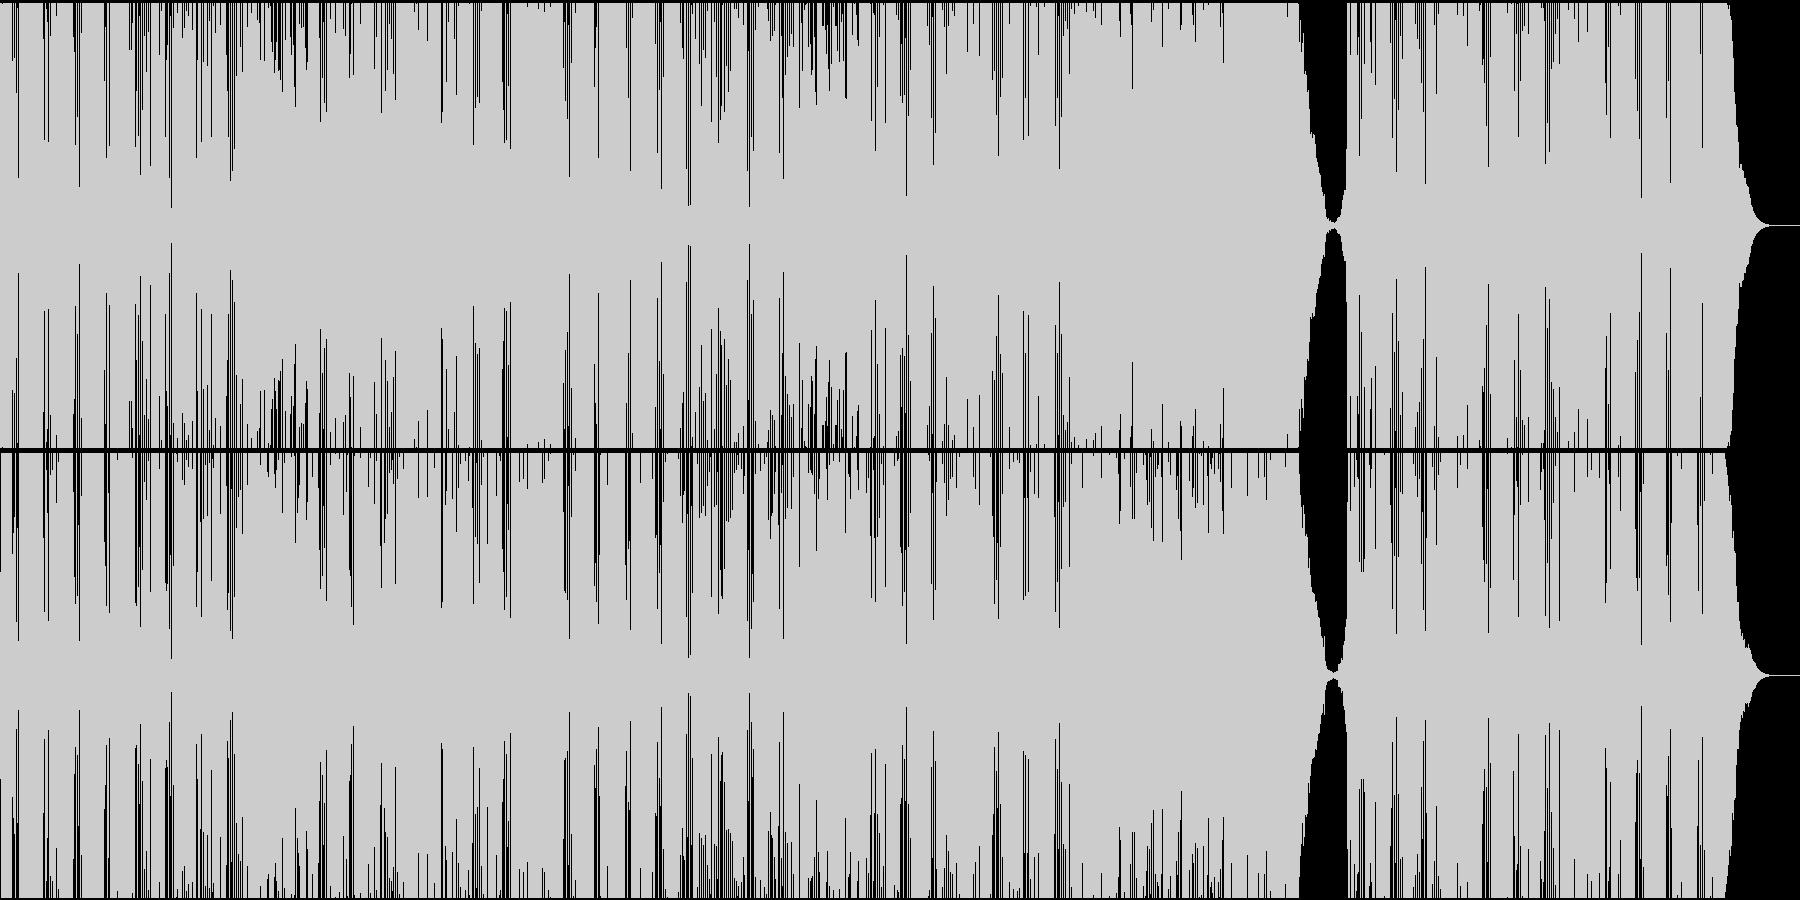 爽やかでパワフルな明るいバンドサウンドの未再生の波形